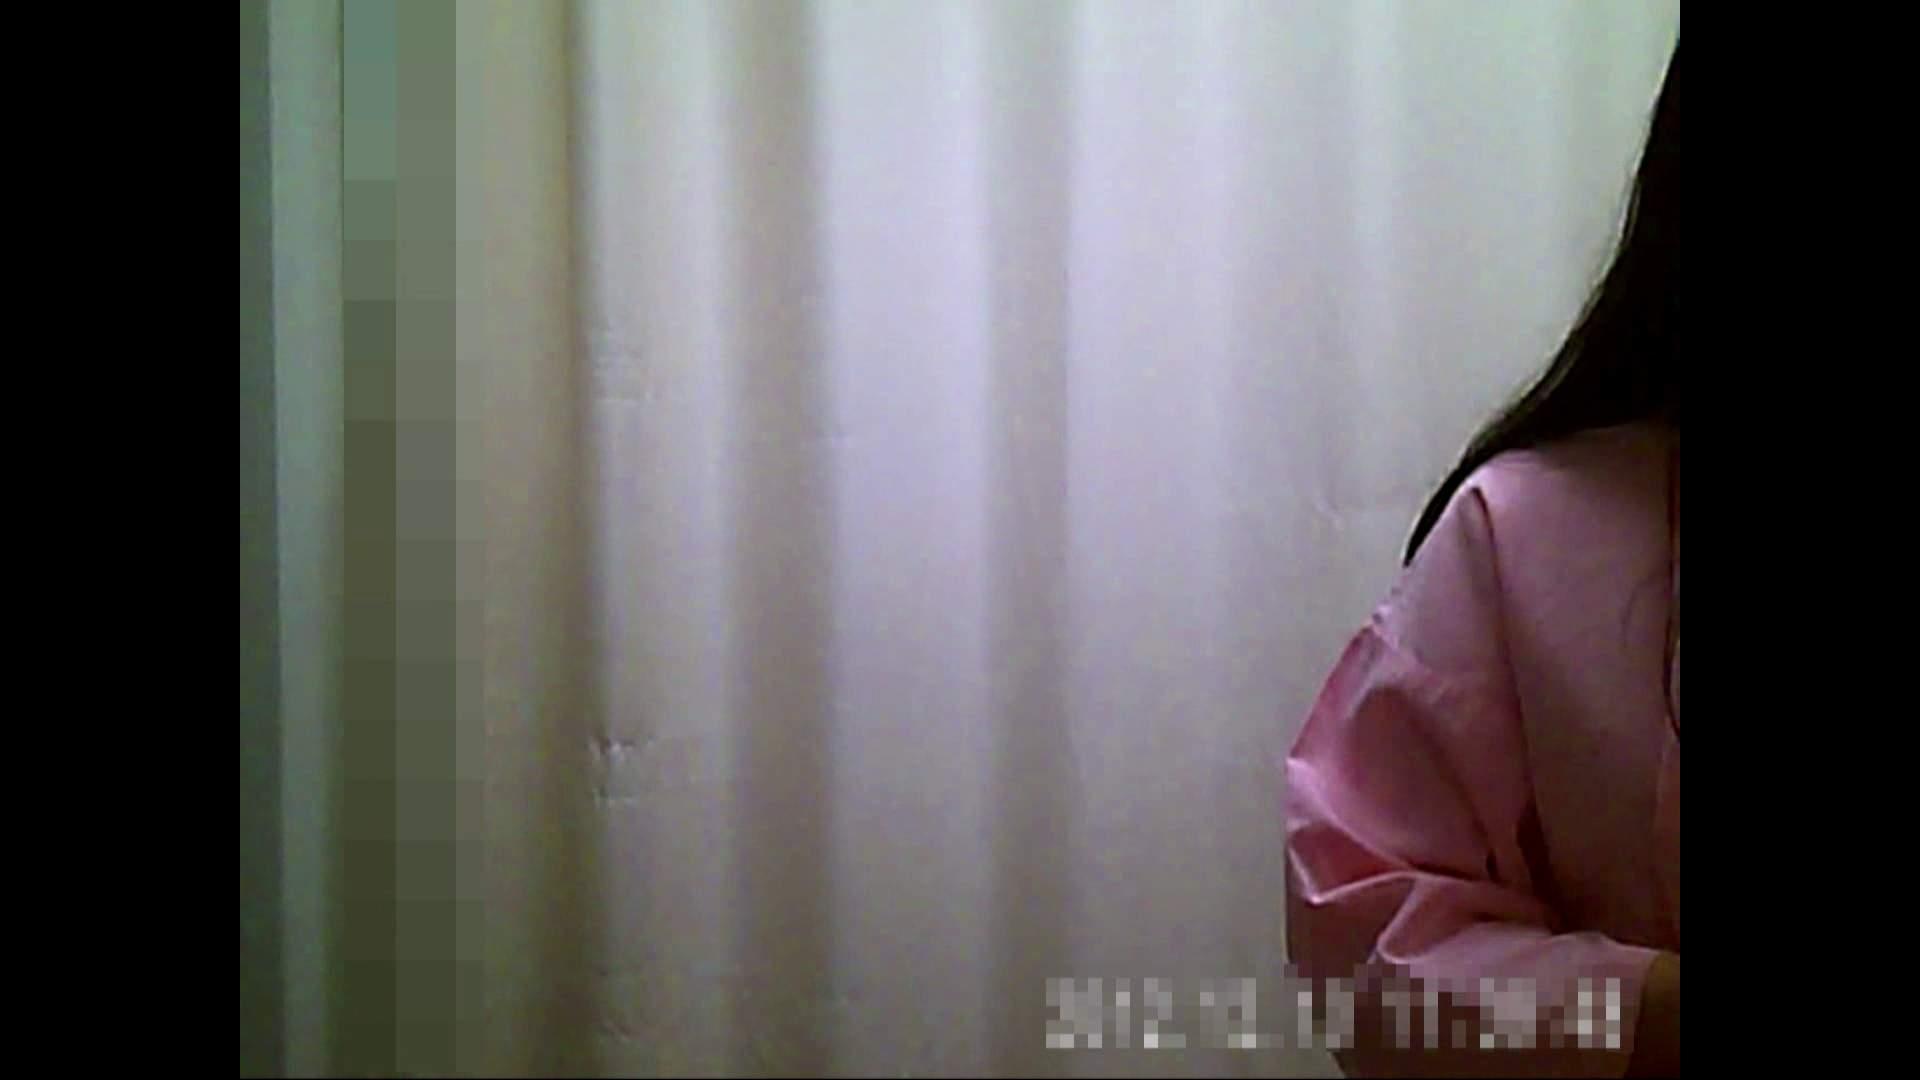 おまんこ丸見え|元医者による反抗 更衣室地獄絵巻 vol.124|怪盗ジョーカー